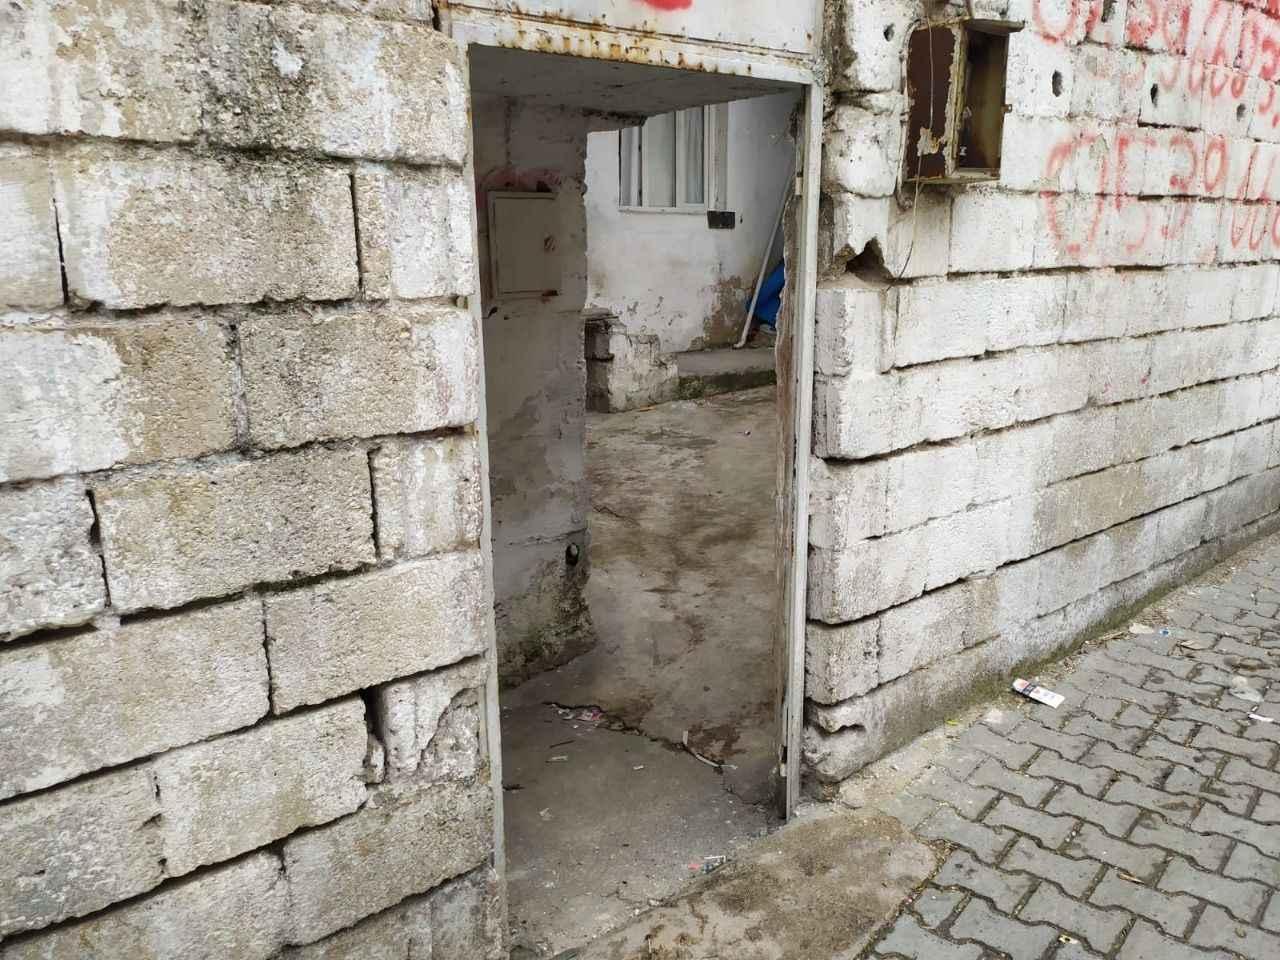 Gaziantep'te herkes bu hırsızlığı konuşuyor - Gaziantep Haberleri |  Gaziantep Son Dakika Haberleri | Yerel Haberler